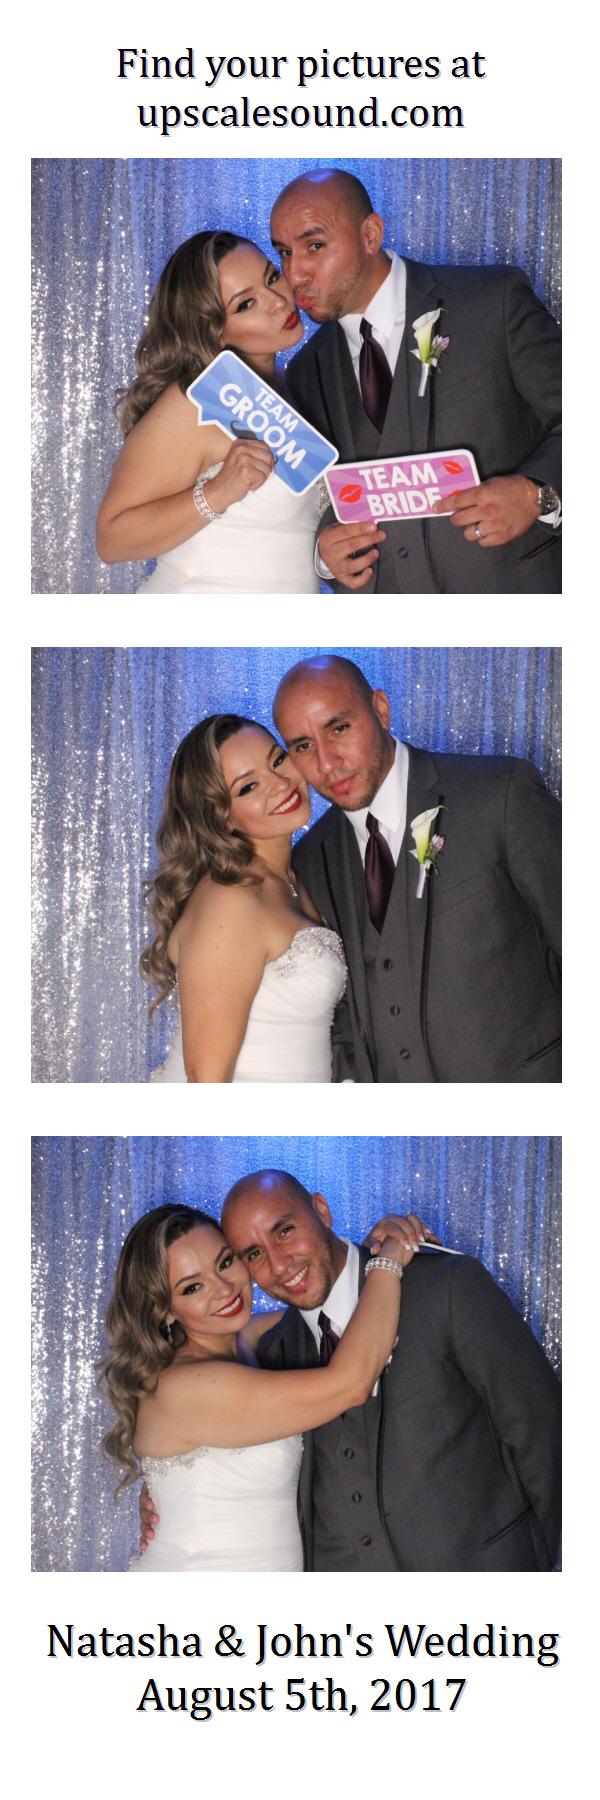 Natasha & John's Wedding